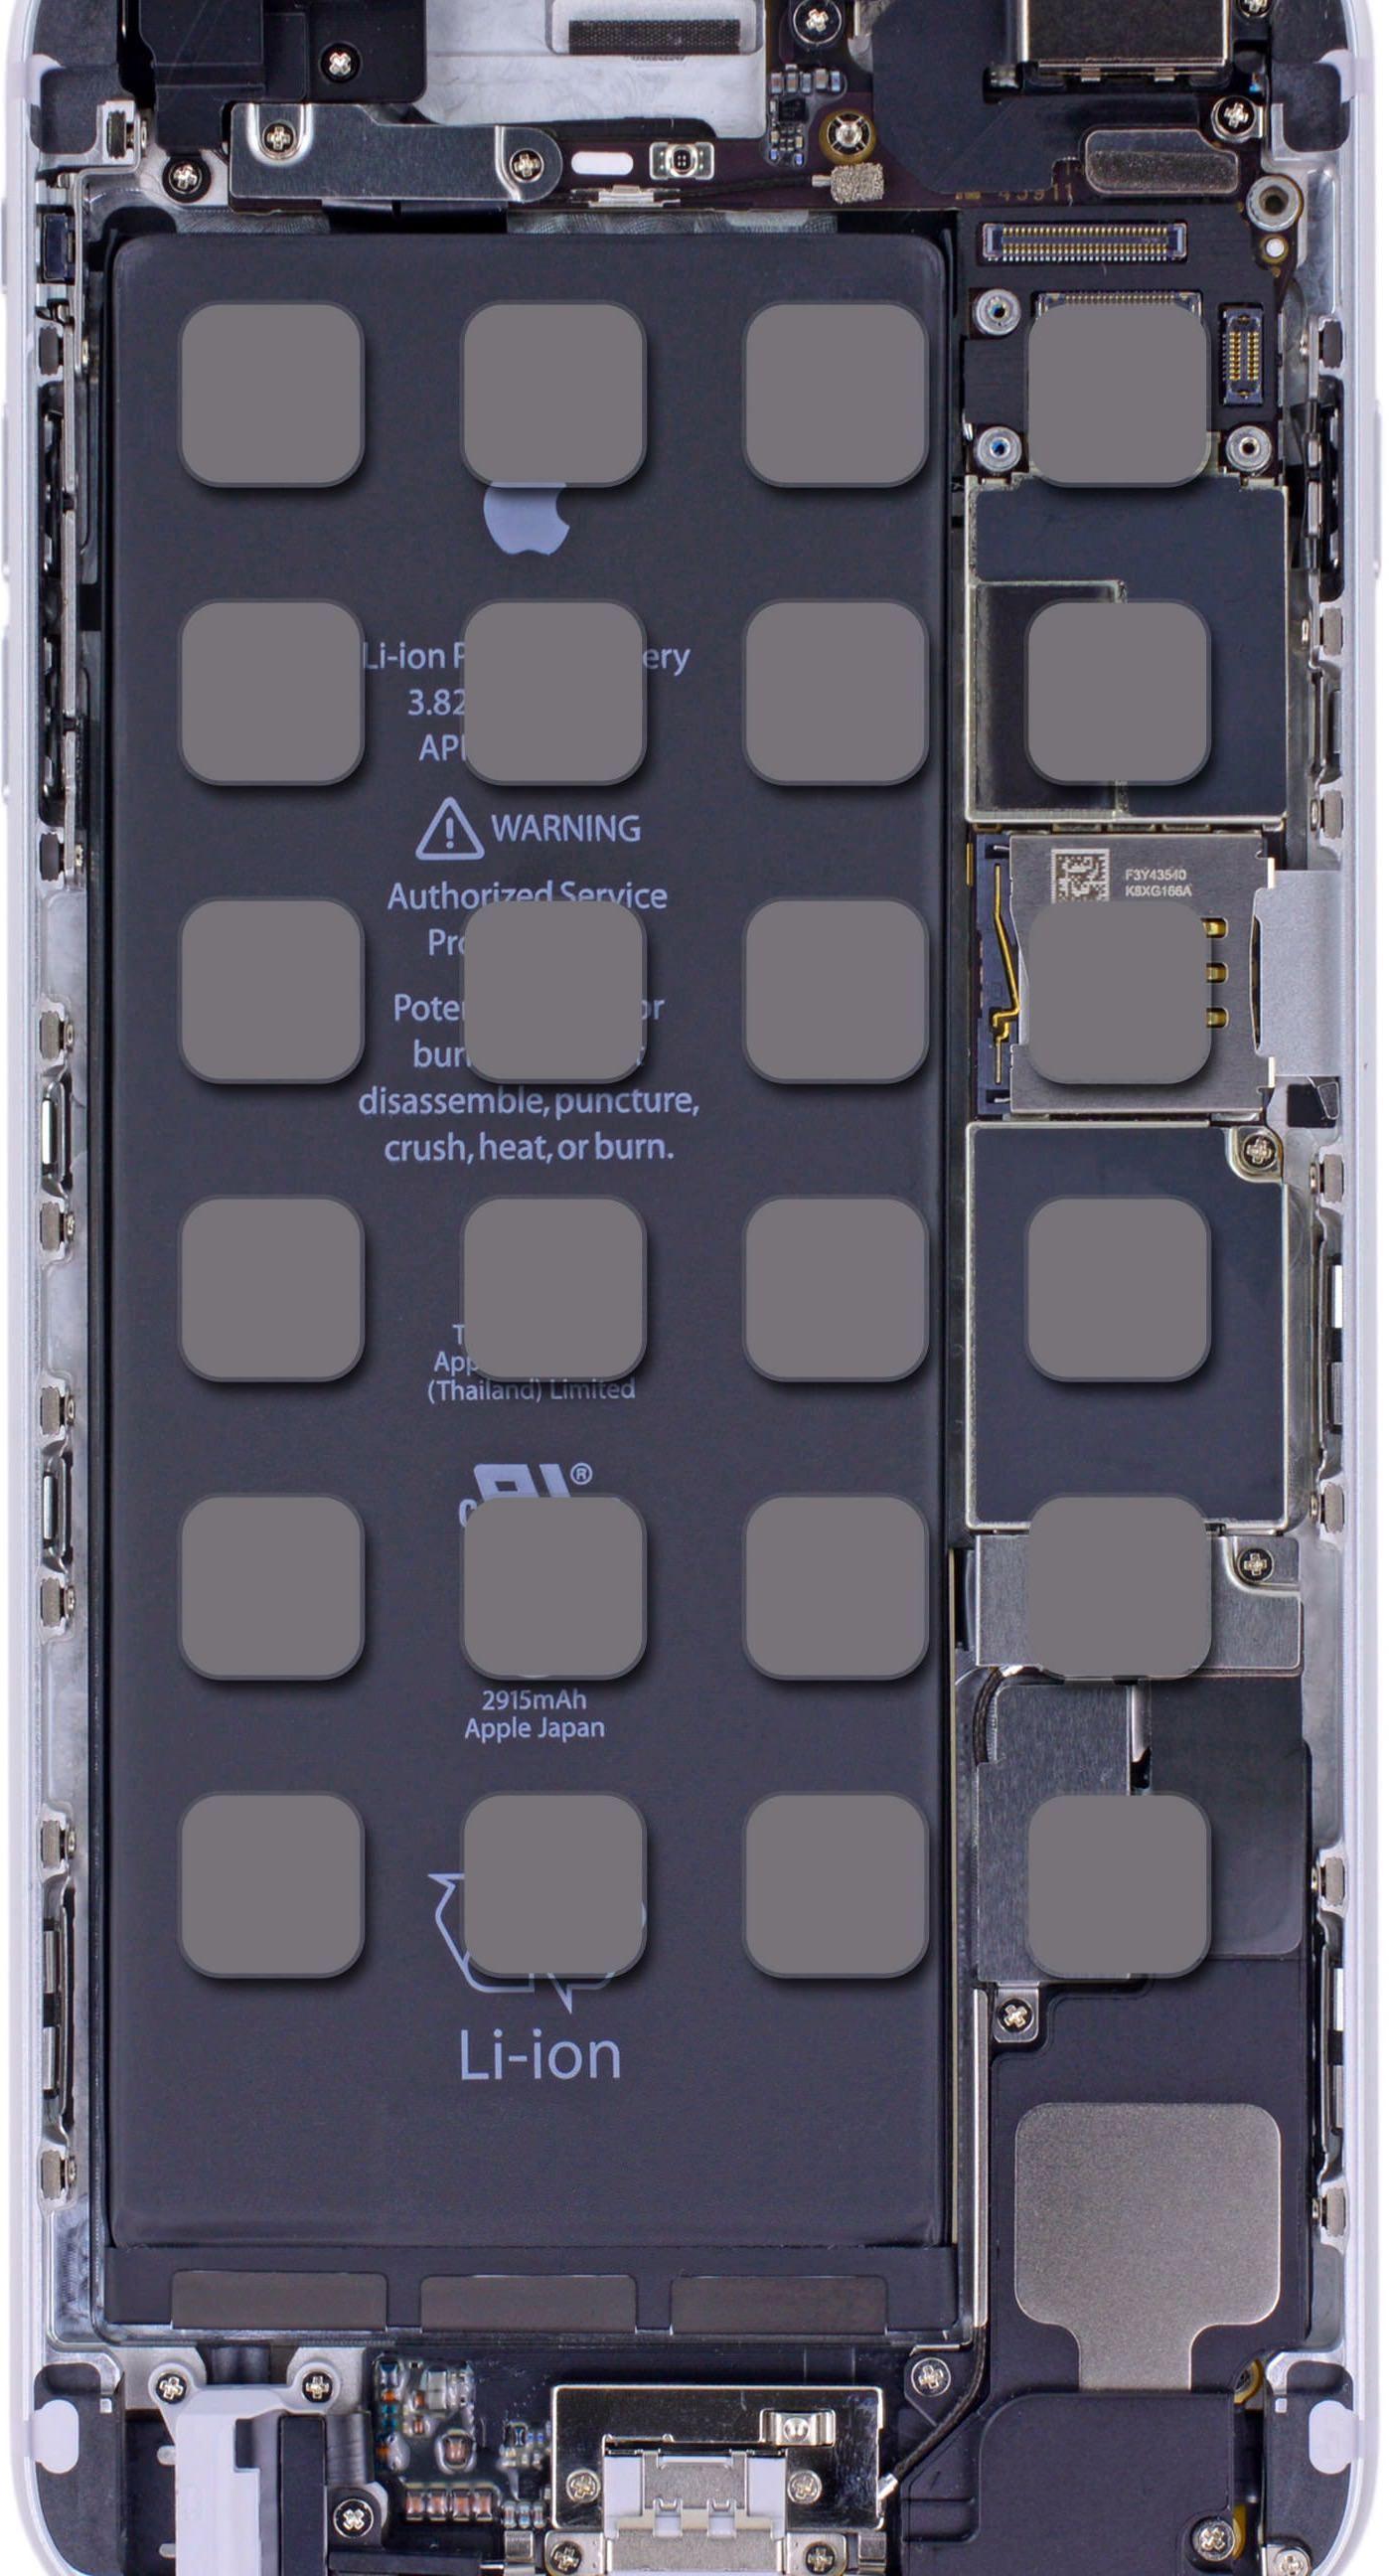 一番欲しい Iphone6 壁紙 棚 おしゃれ Iphone6 壁紙 6s 壁紙